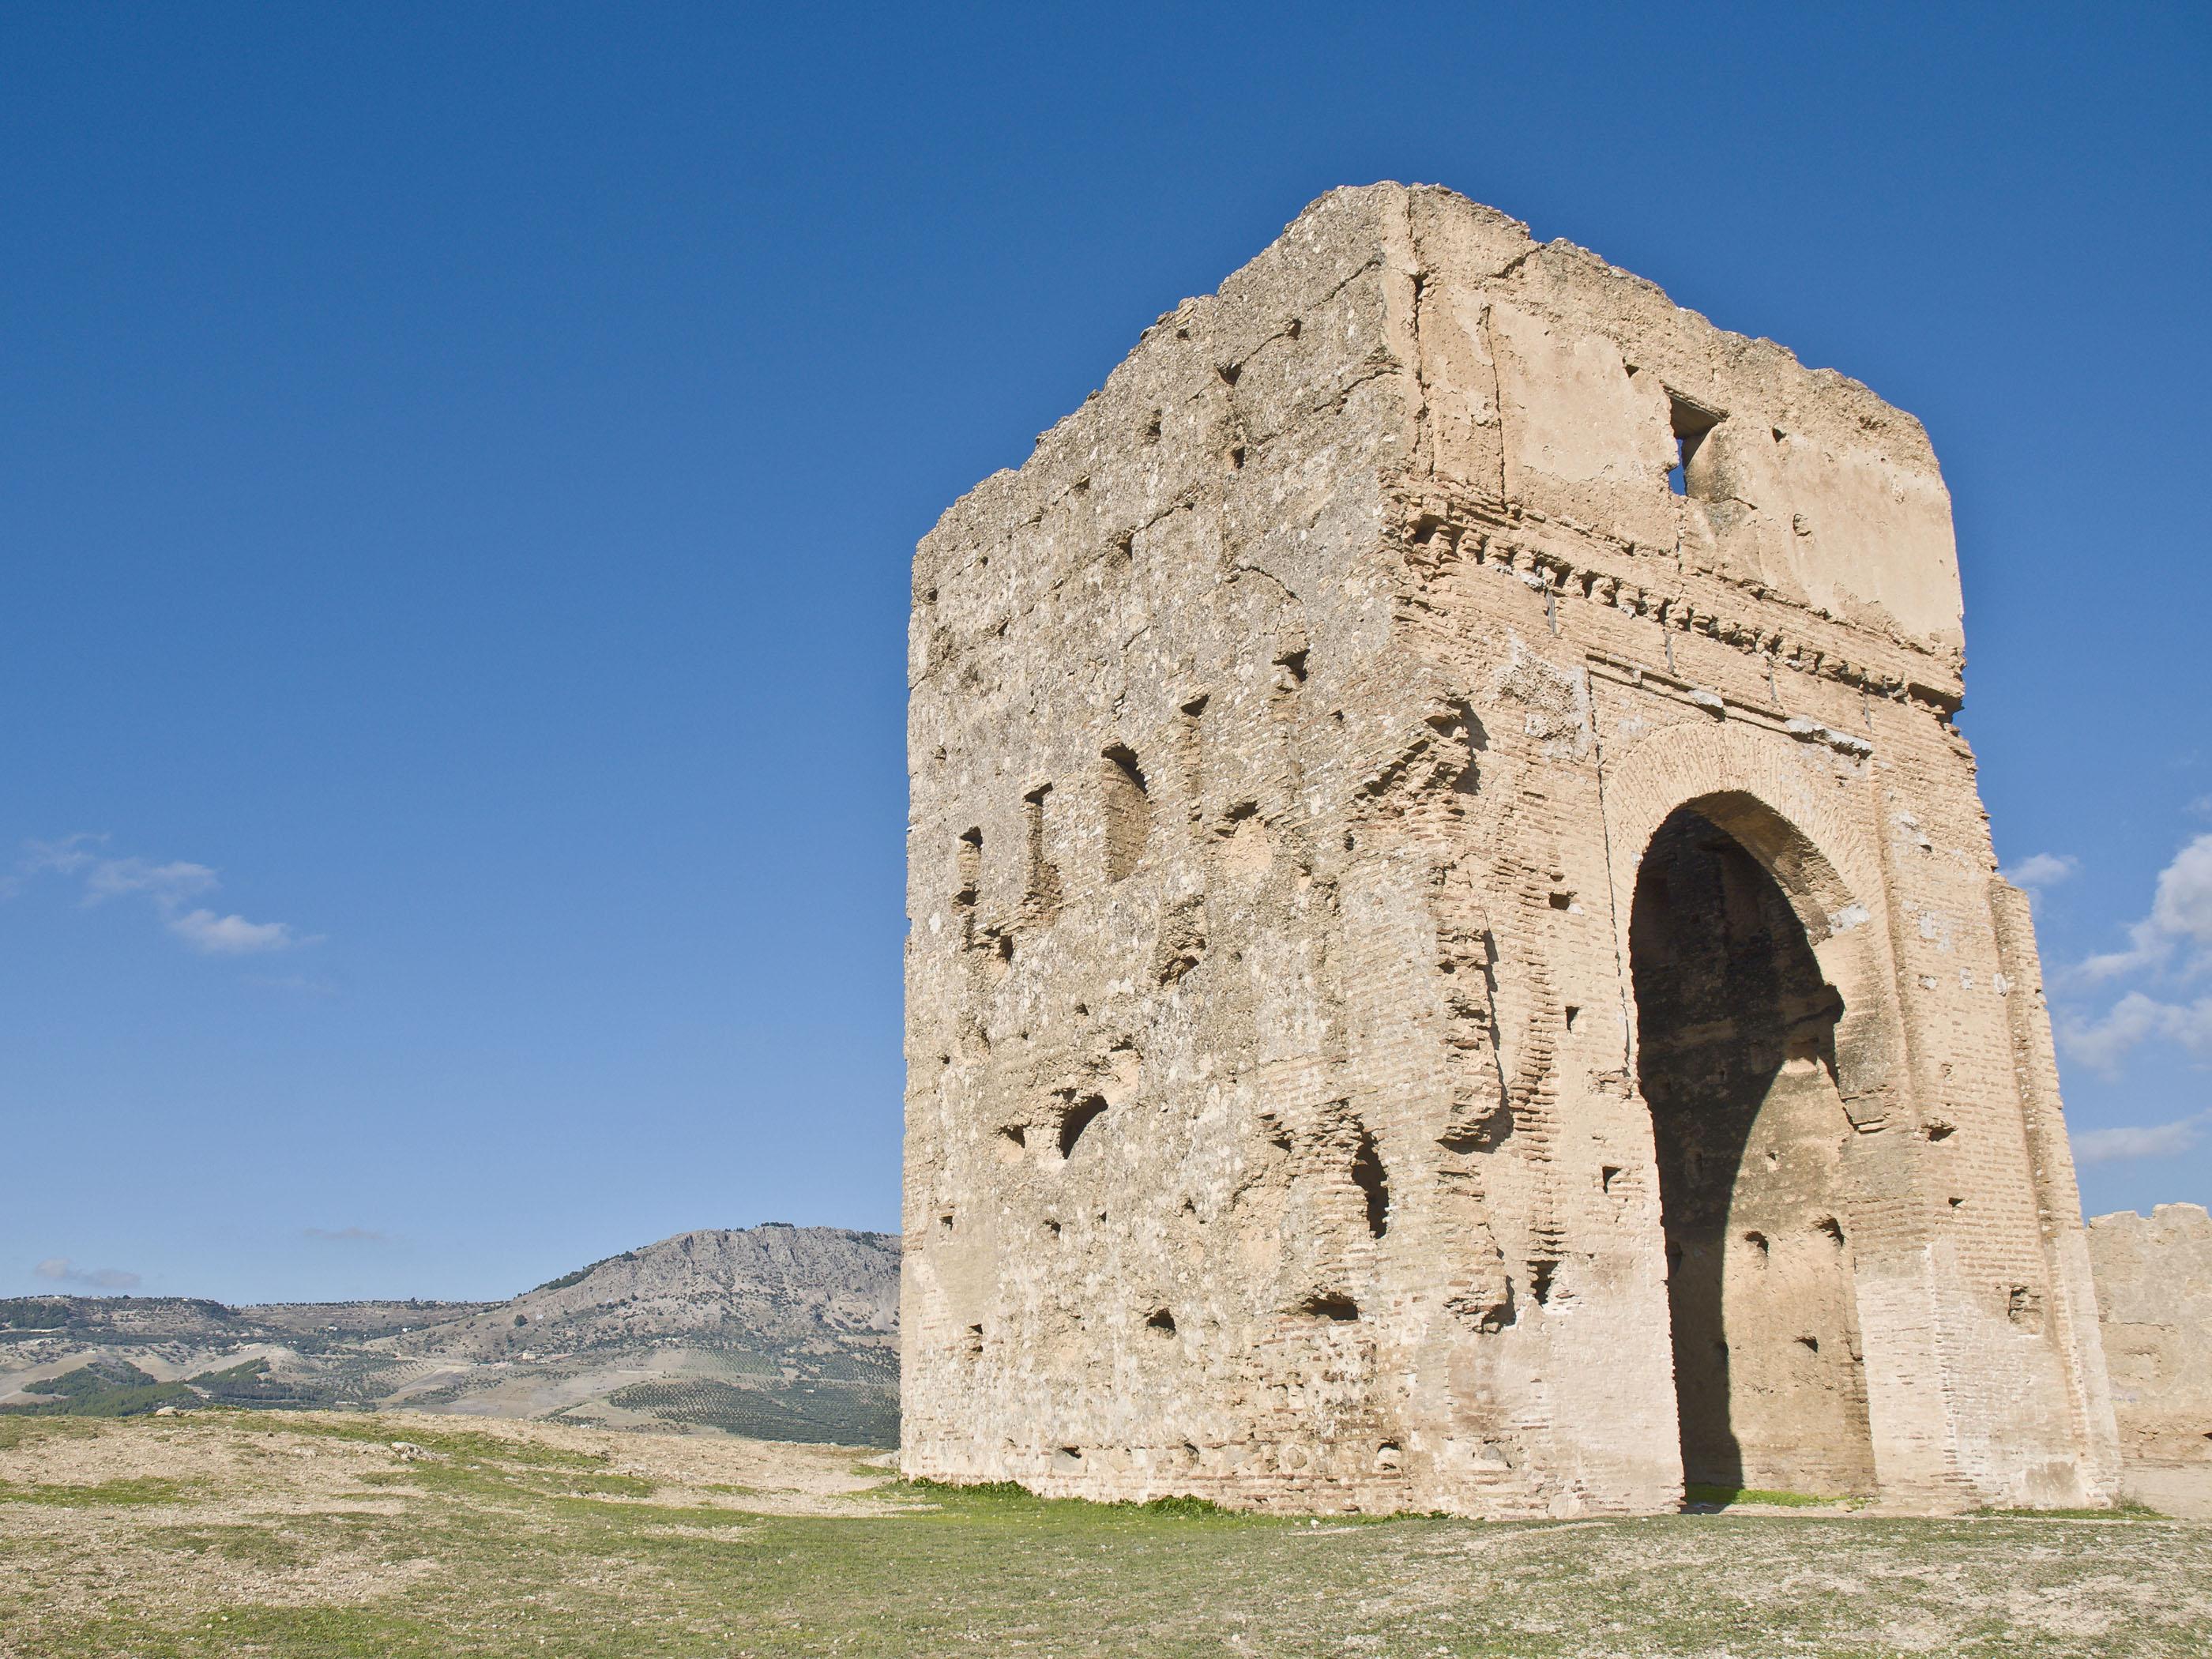 Marinid-Tombs-Ruins-In-Fez-Marokko.jpg